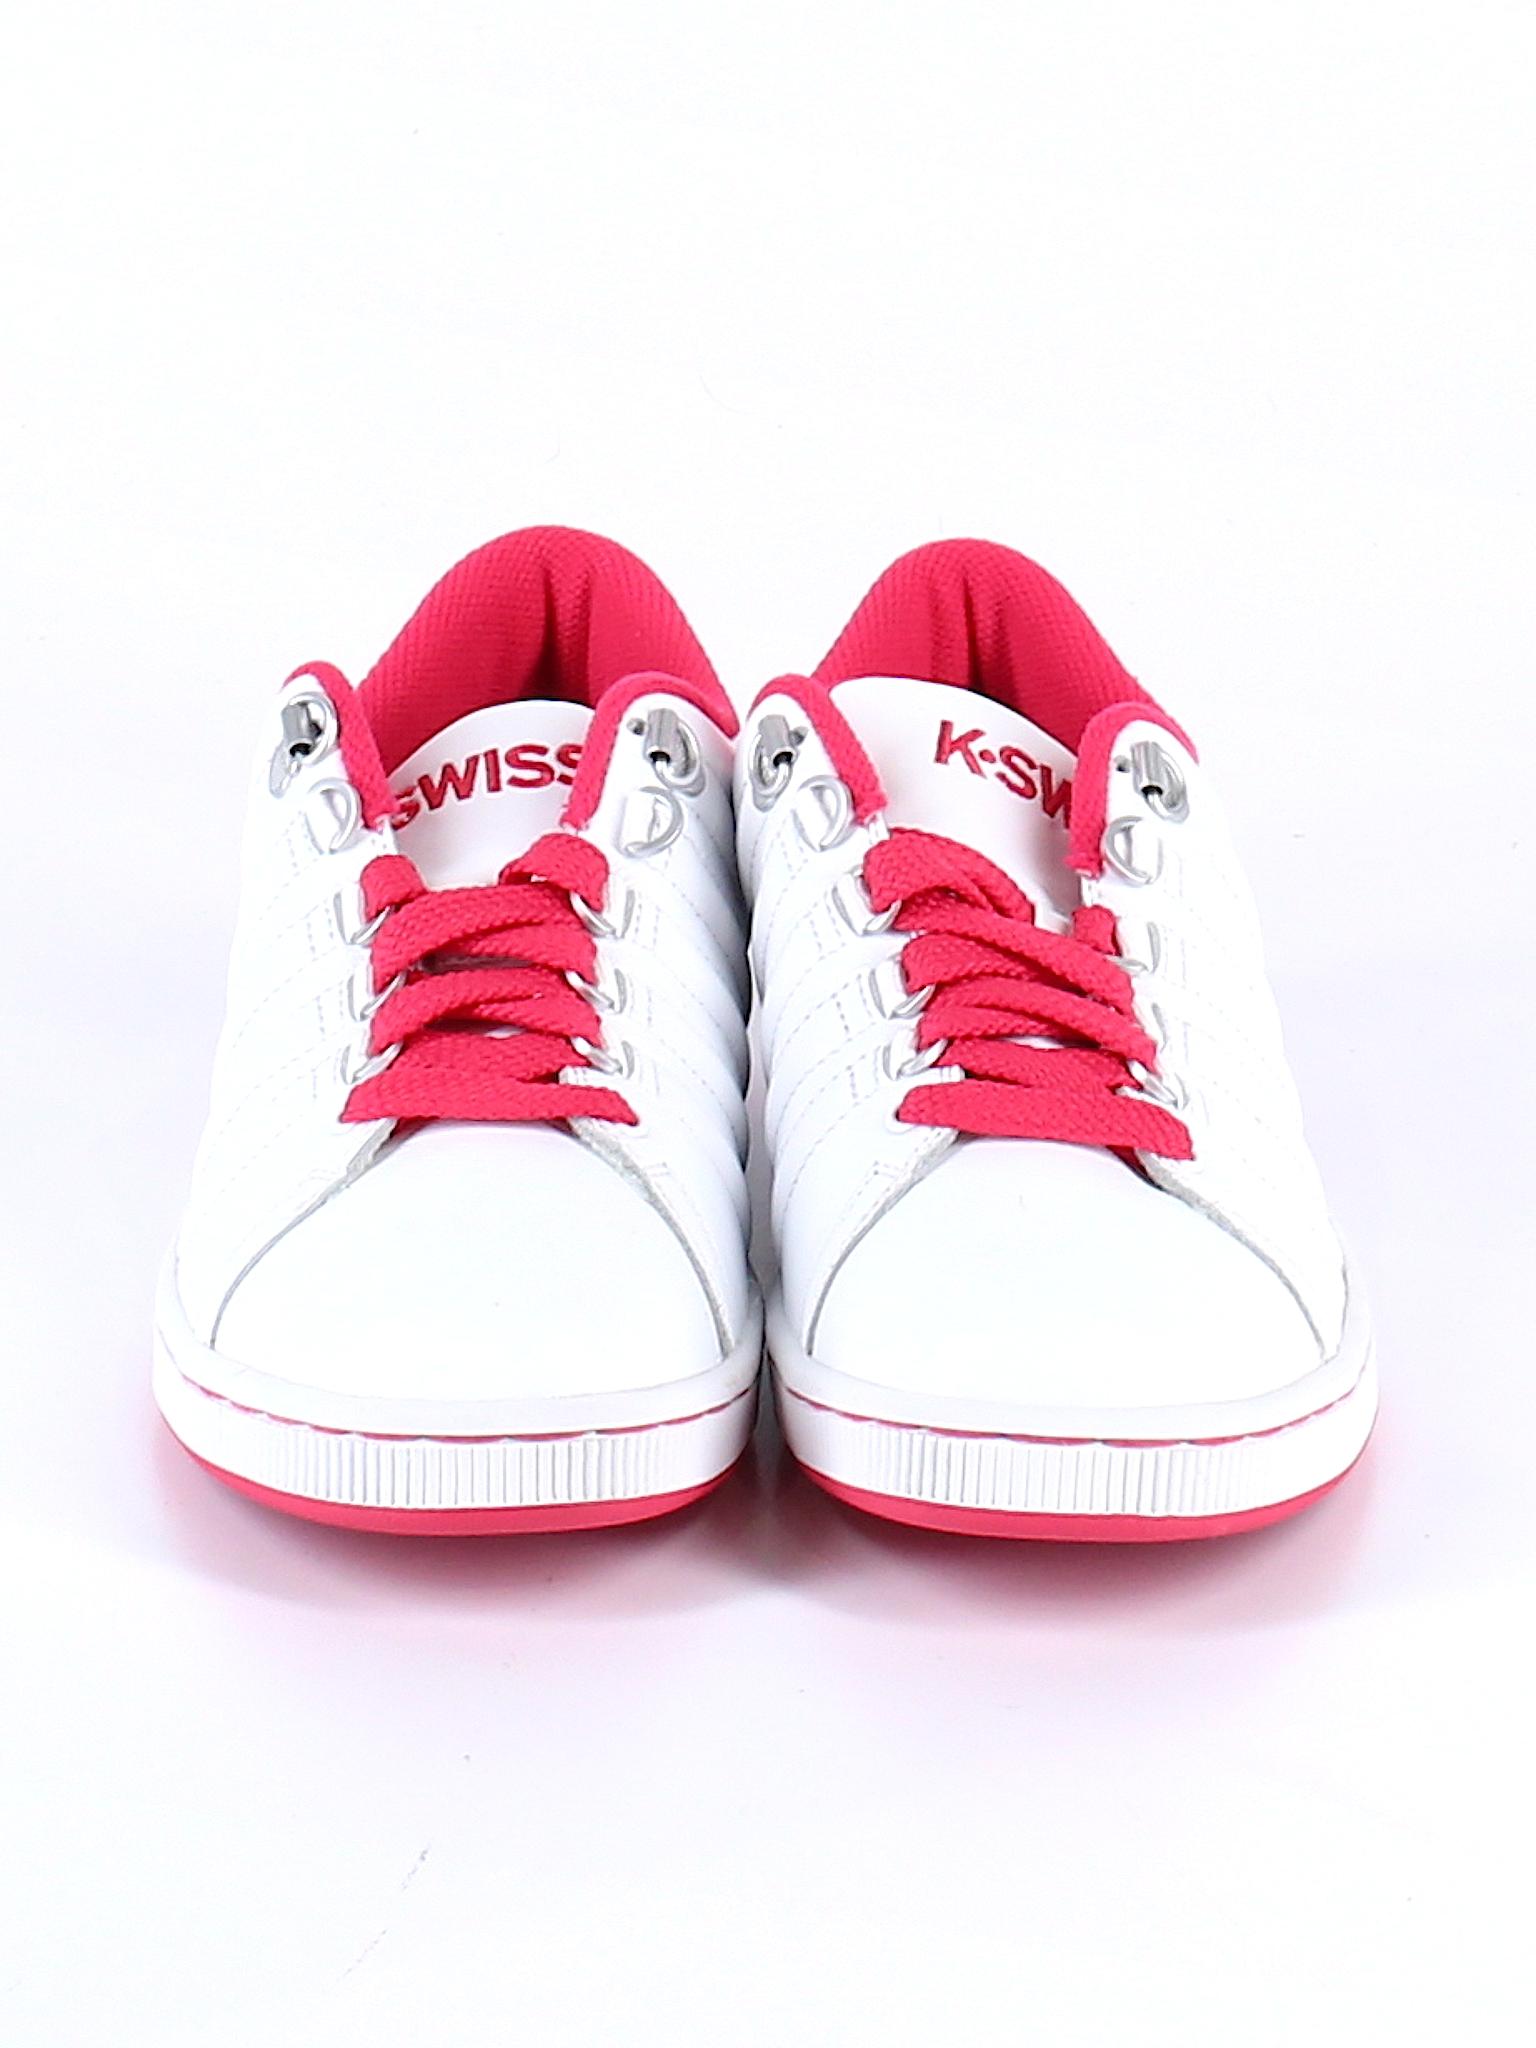 K K promotion Swiss Sneakers Boutique promotion Boutique Boutique Sneakers Swiss EnUHqw0AY